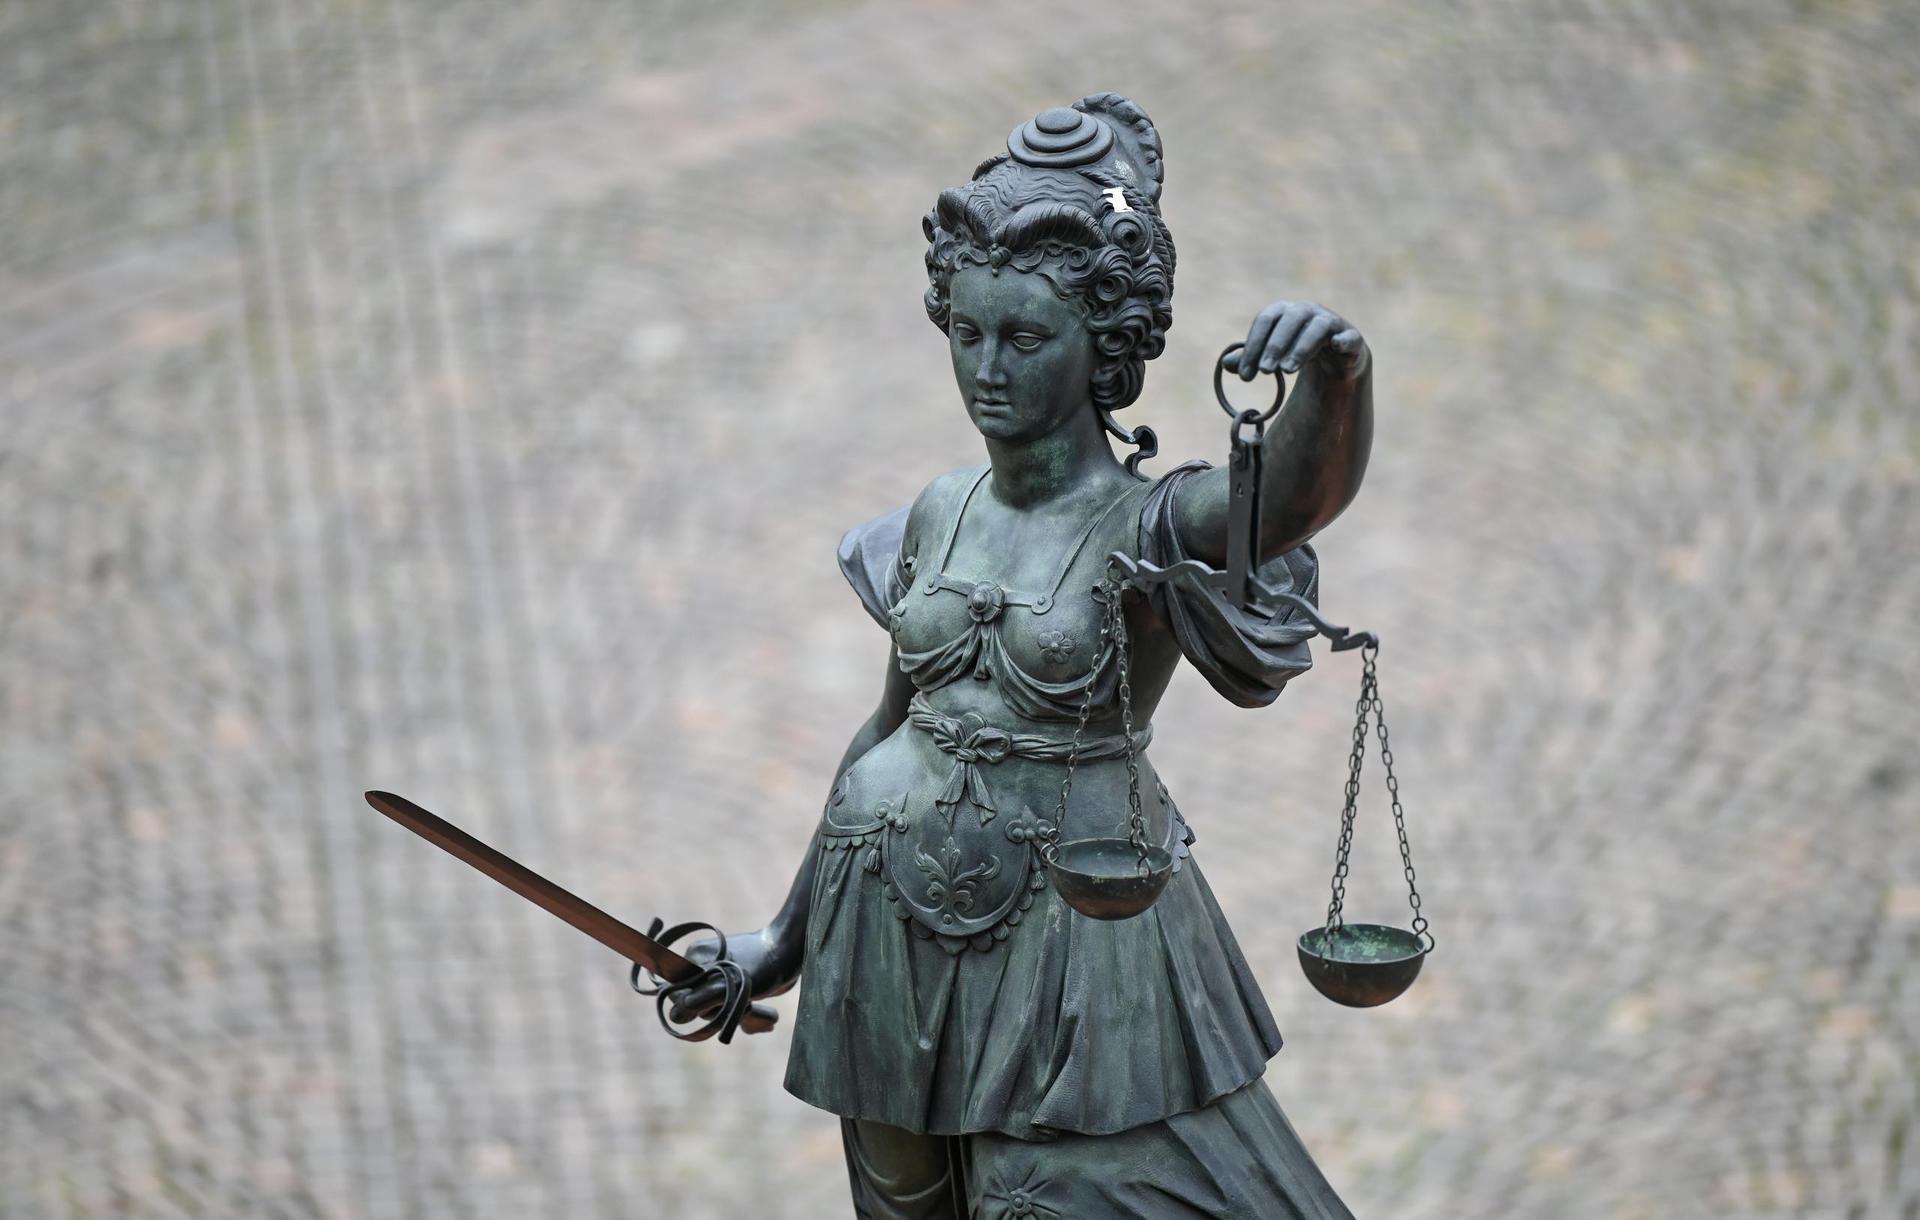 Doppelmord an Kindern: Urteil gegen Vater rechtskräftig Landgericht Regensburg